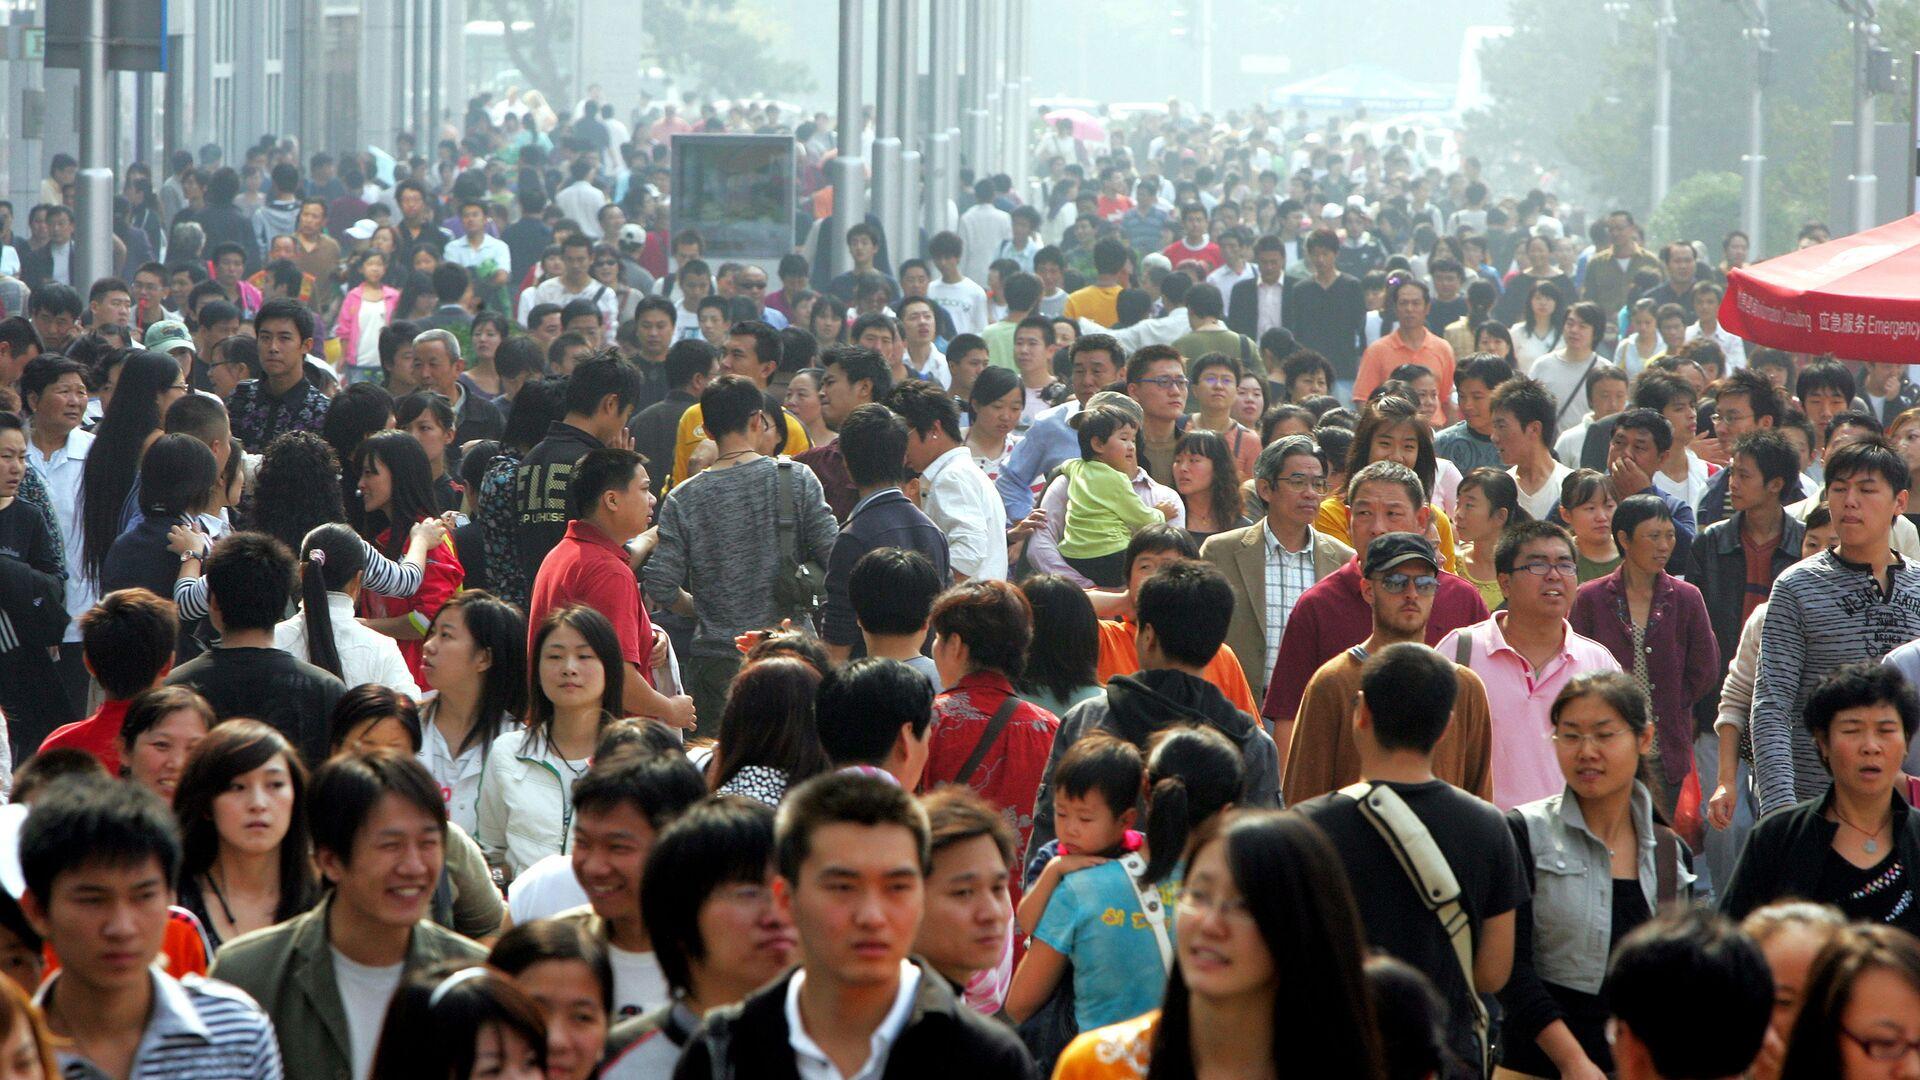 Население Китая превысило 1,4 миллиарда человек - РИА Новости, 17.01.2020